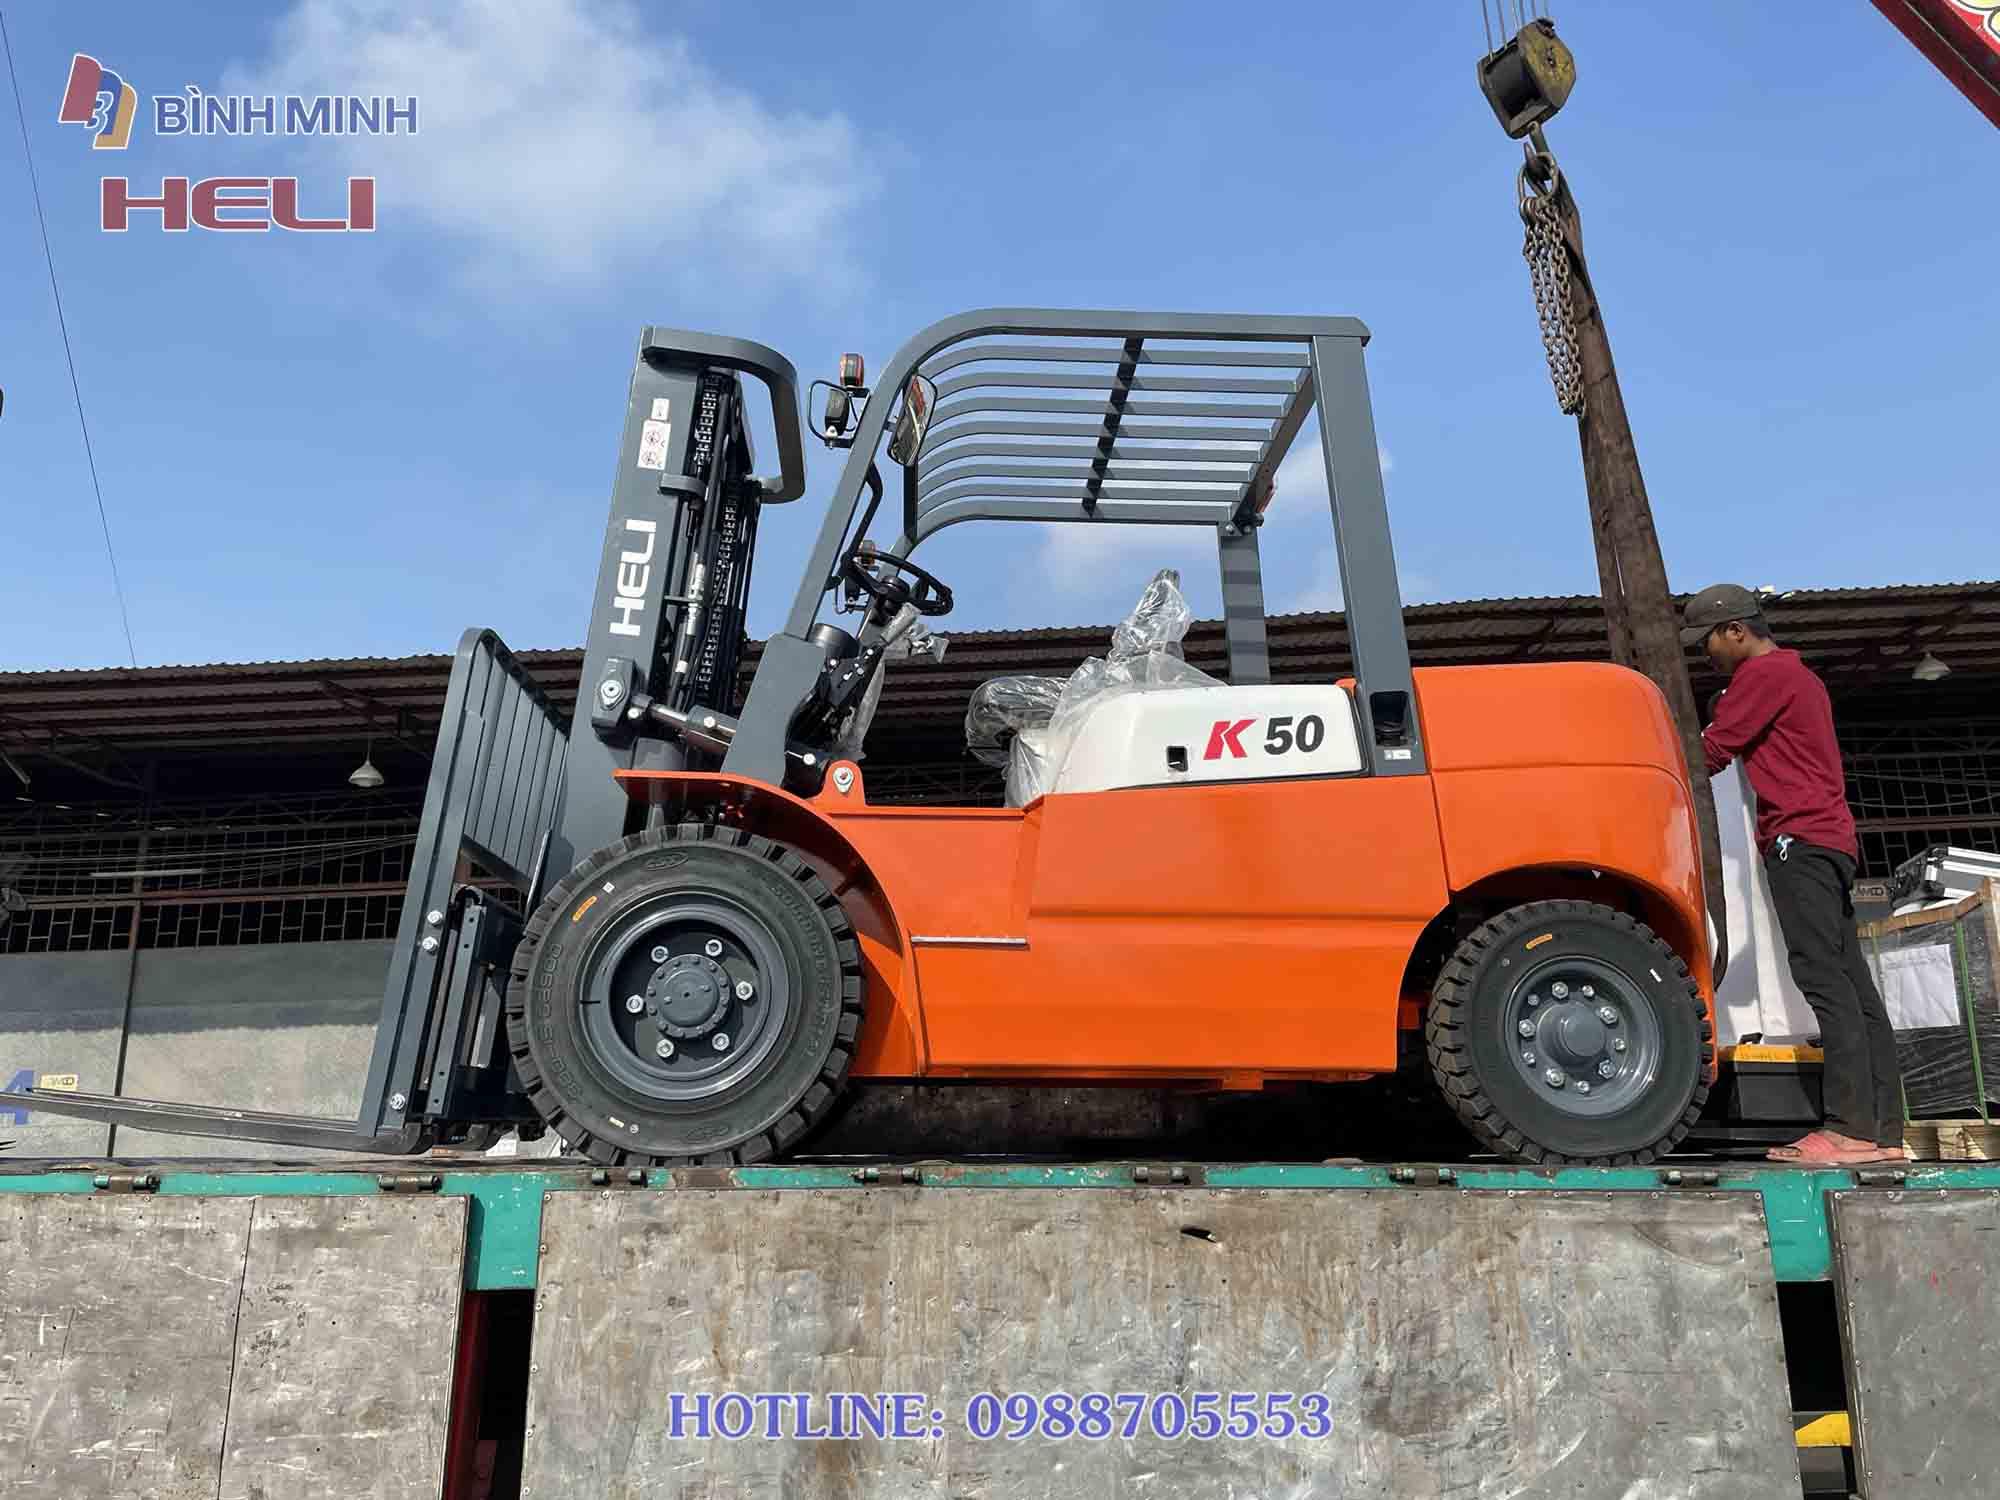 Xe nâng hàng Heli 5 tấn